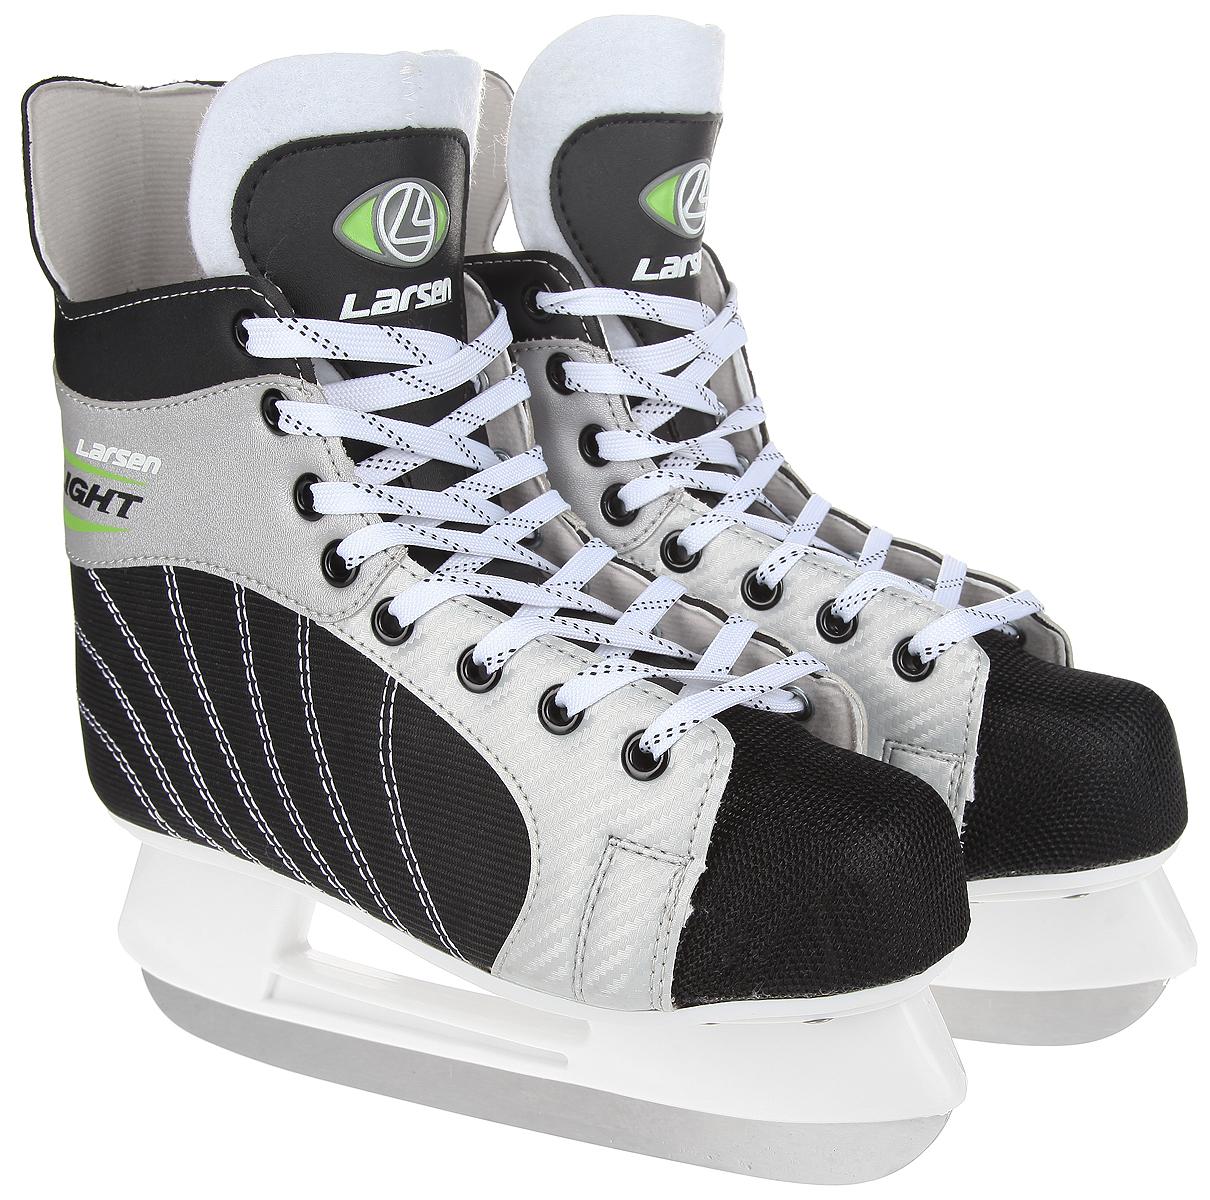 Коньки хоккейные мужские Larsen Light, цвет: черный, серебристый, белый. Размер 43LightСтильные коньки Light от Larsen прекрасно подойдут для начинающих игроков в хоккей. Ботинок выполнен из нейлона со вставками из морозоустойчивого поливинилхлорида. Мыс выполнен из полипропилена, покрытого сетчатым нейлоном, который защитит ноги от ударов. Внутренний слой изготовлен из материала Cambrelle, который обладает высокой гигроскопичностью и воздухопроницаемостью, имеет высокую степень устойчивости к истиранию, приятен на ощупь, быстро высыхает. Язычок из войлока обеспечивает дополнительное тепло. Плотная шнуровка надежно фиксирует модель на ноге. Голеностоп имеет удобный суппорт. Стелька из EVA с текстильной поверхностью обеспечит комфортное катание. Стойка выполнена из ударопрочного пластика. Лезвие из нержавеющей стали обеспечит превосходное скольжение. В комплект входят пластиковые чехлы для лезвия. Рекомендуемая температура использования: до -20°C.